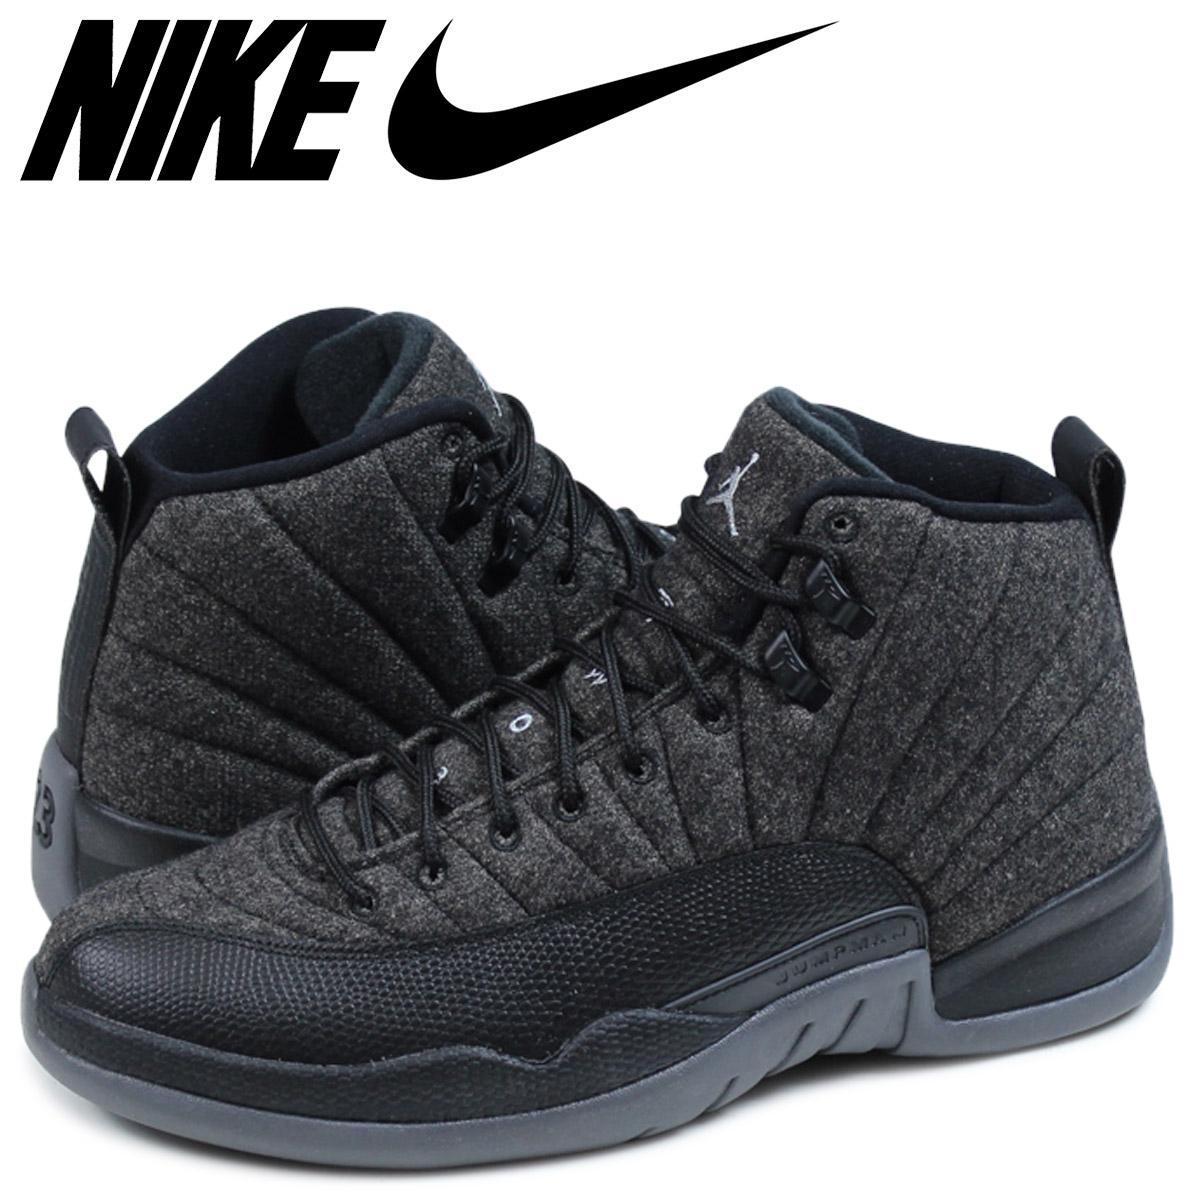 buy online 29d68 62bc4 Nike NIKE Air Jordan sneakers men JORDAN AIR JORDAN 12 RETRO WOOL Air Jordan  12 852,627-003 black